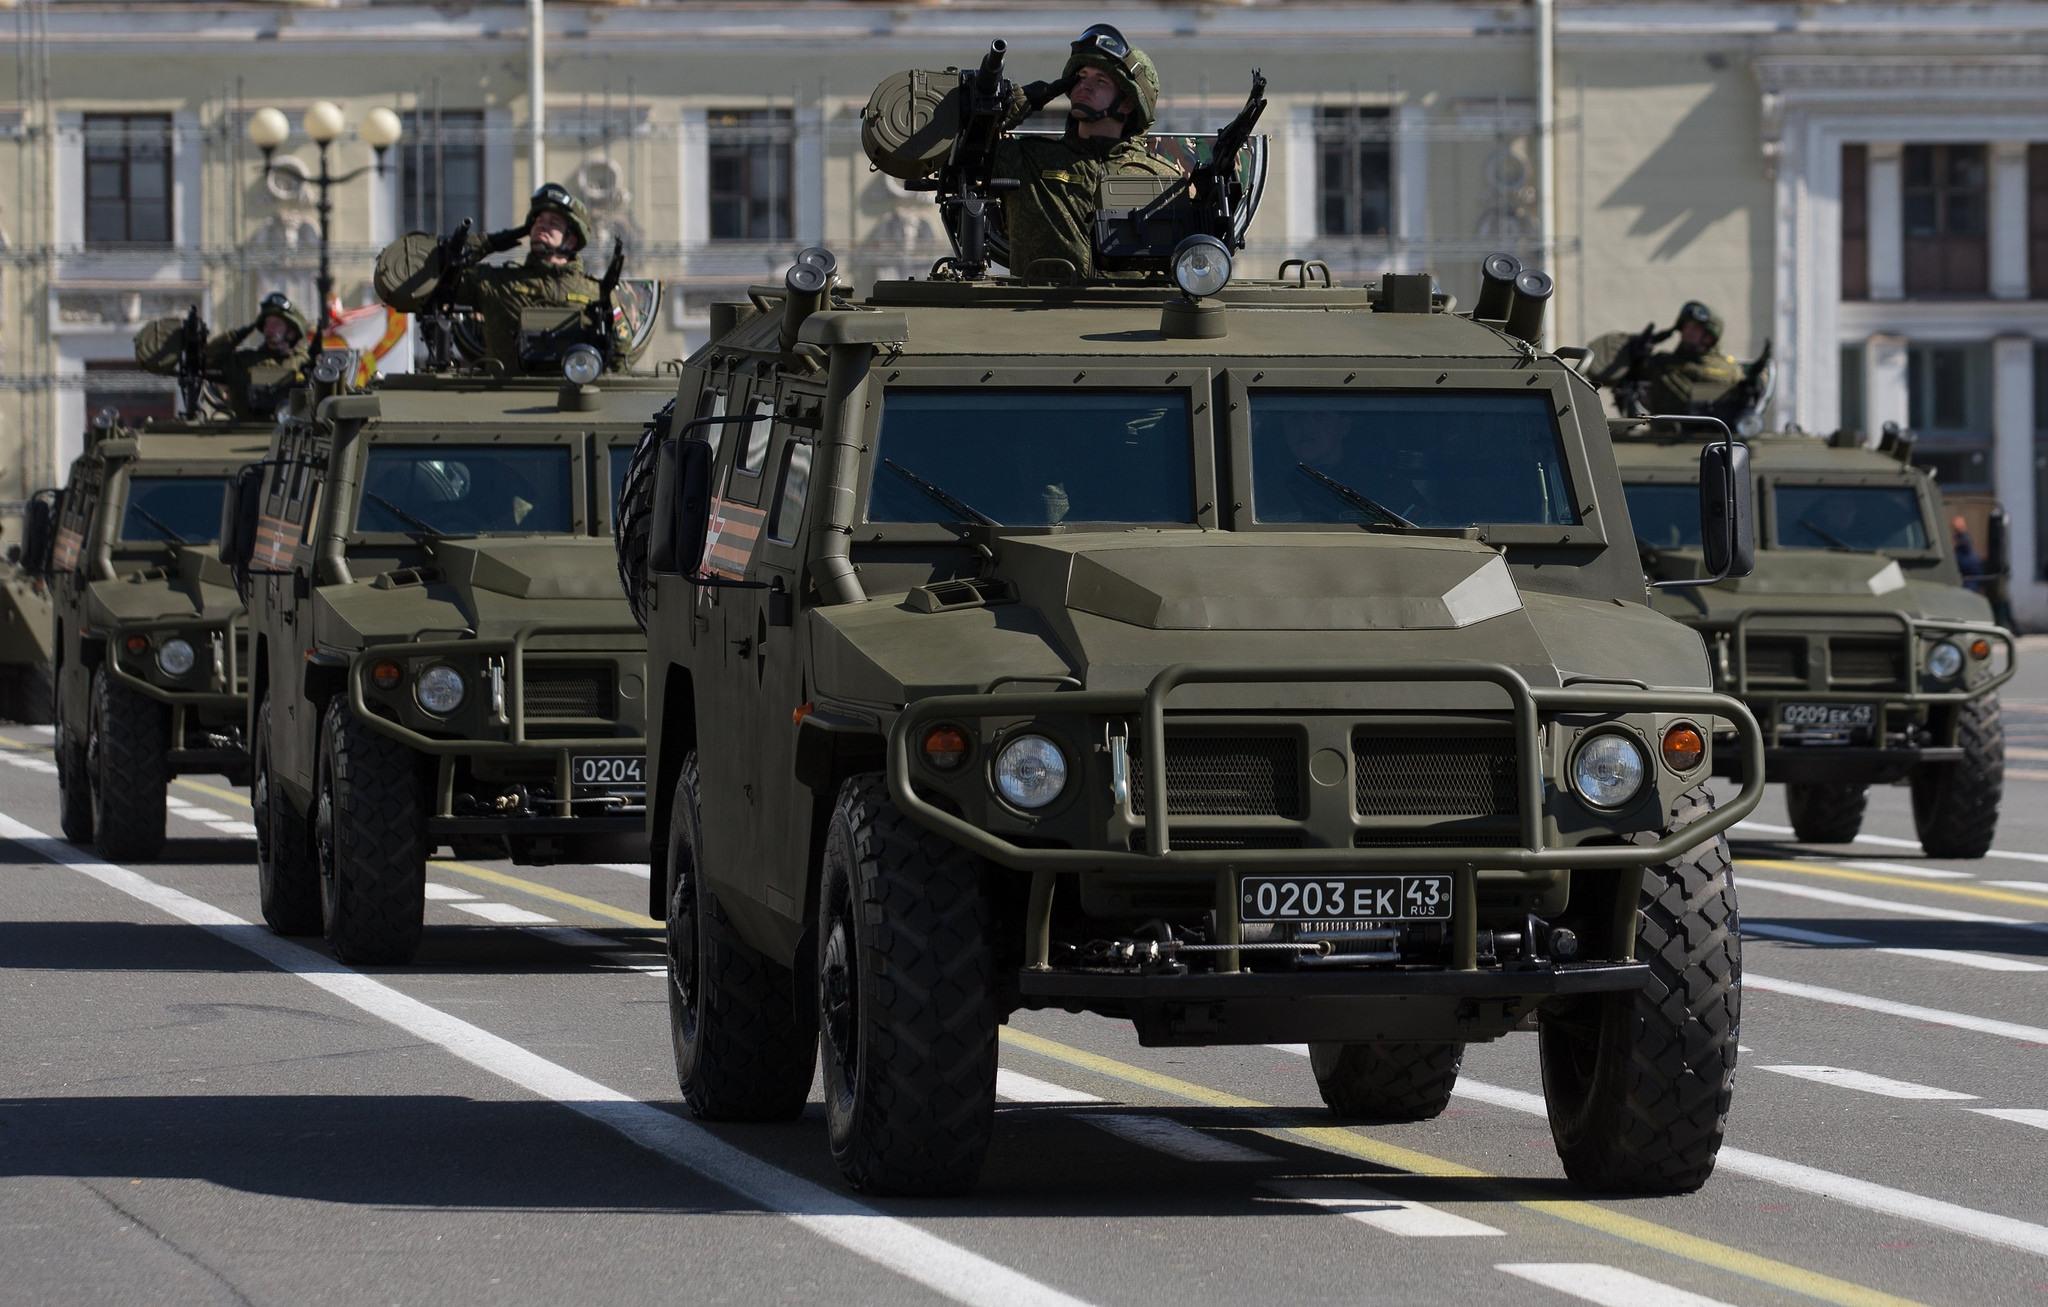 покажи нам машины военные пожалуйста профессионалом своего дела